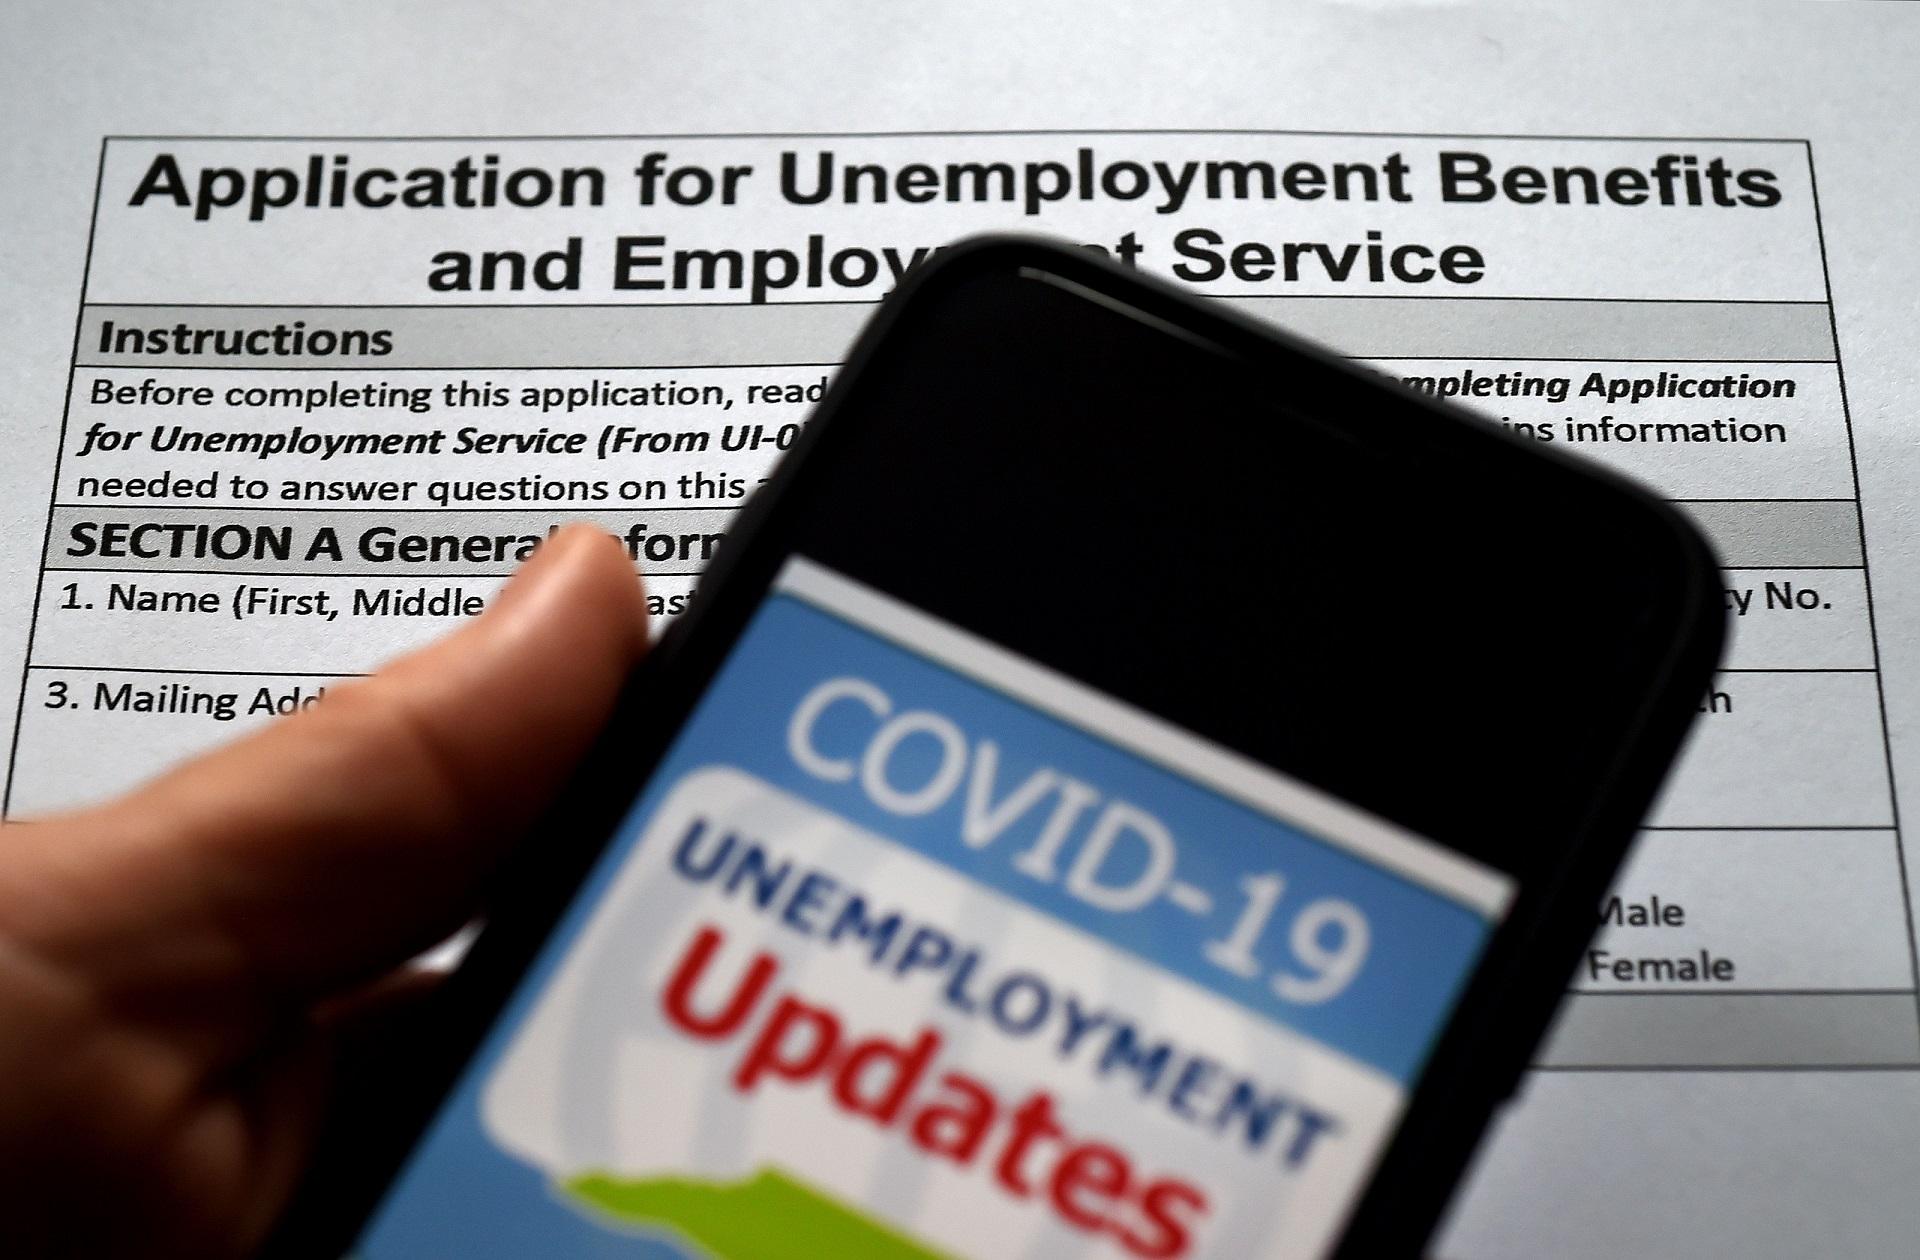 美国首次申请失业救济的人数在一周内上升到77万